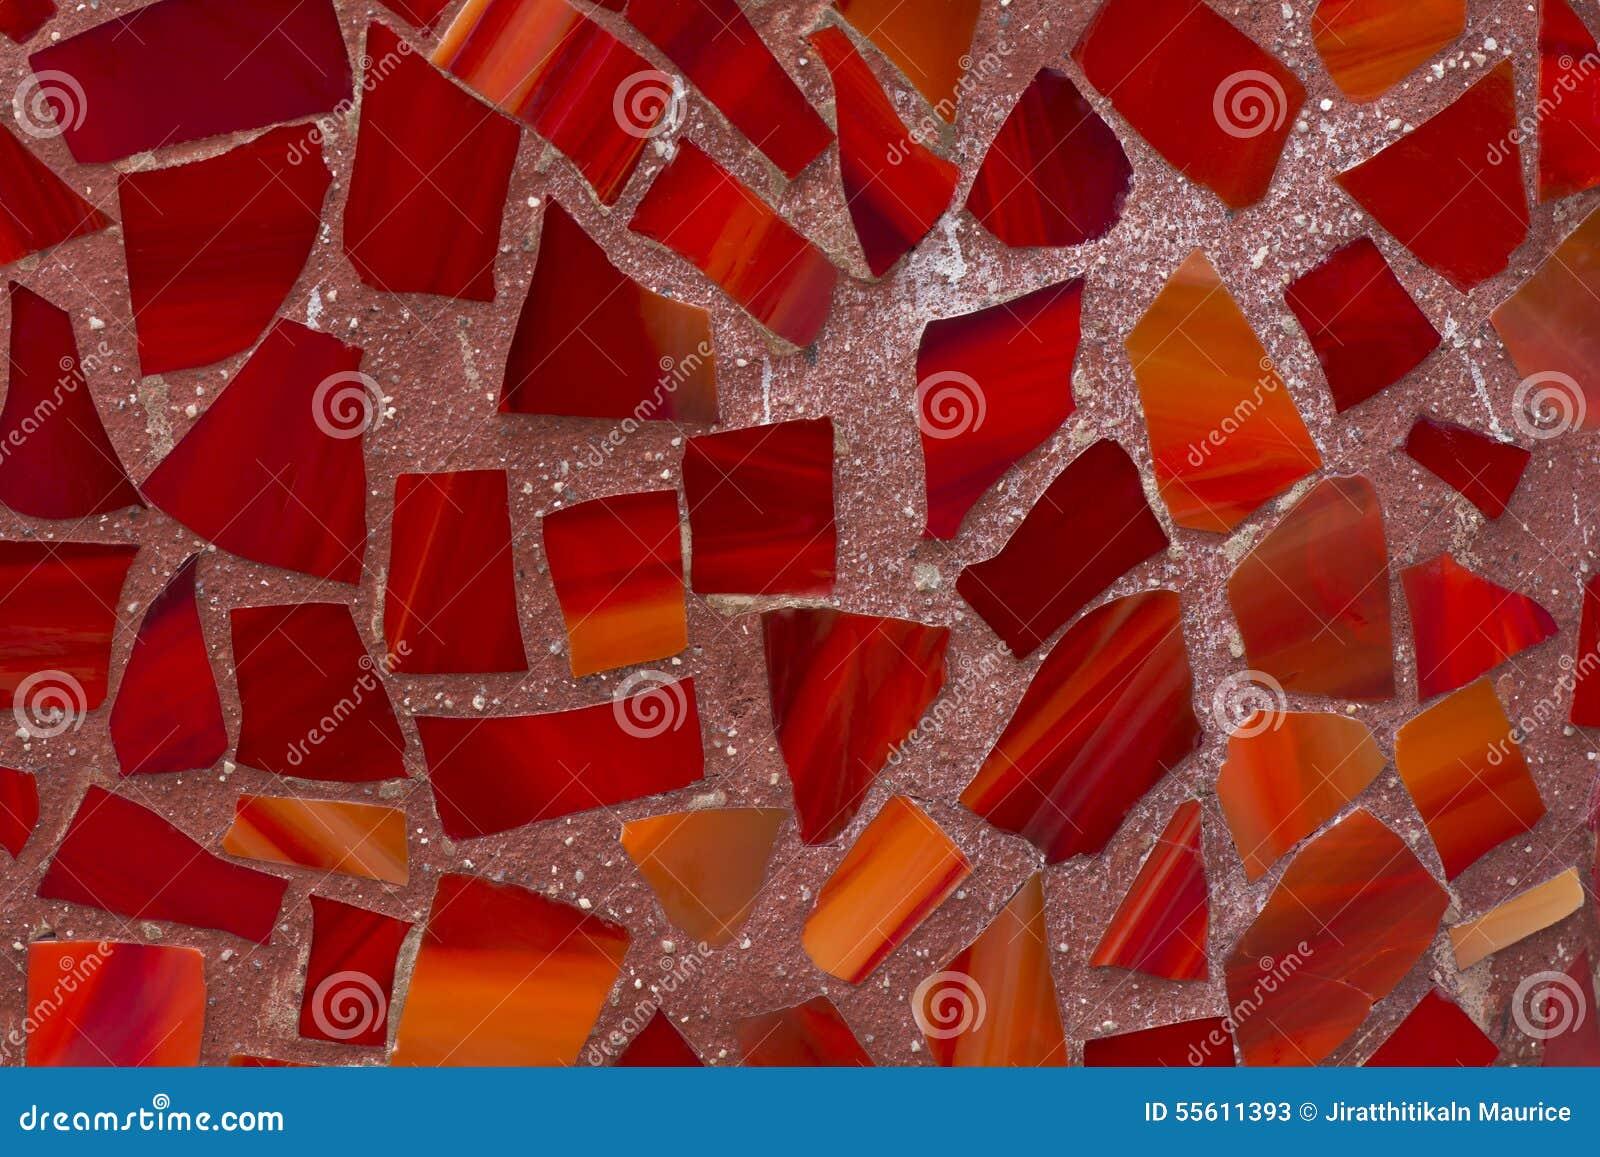 Red Glass Mosaic Wall Pattern Stock Photo Image 55611393